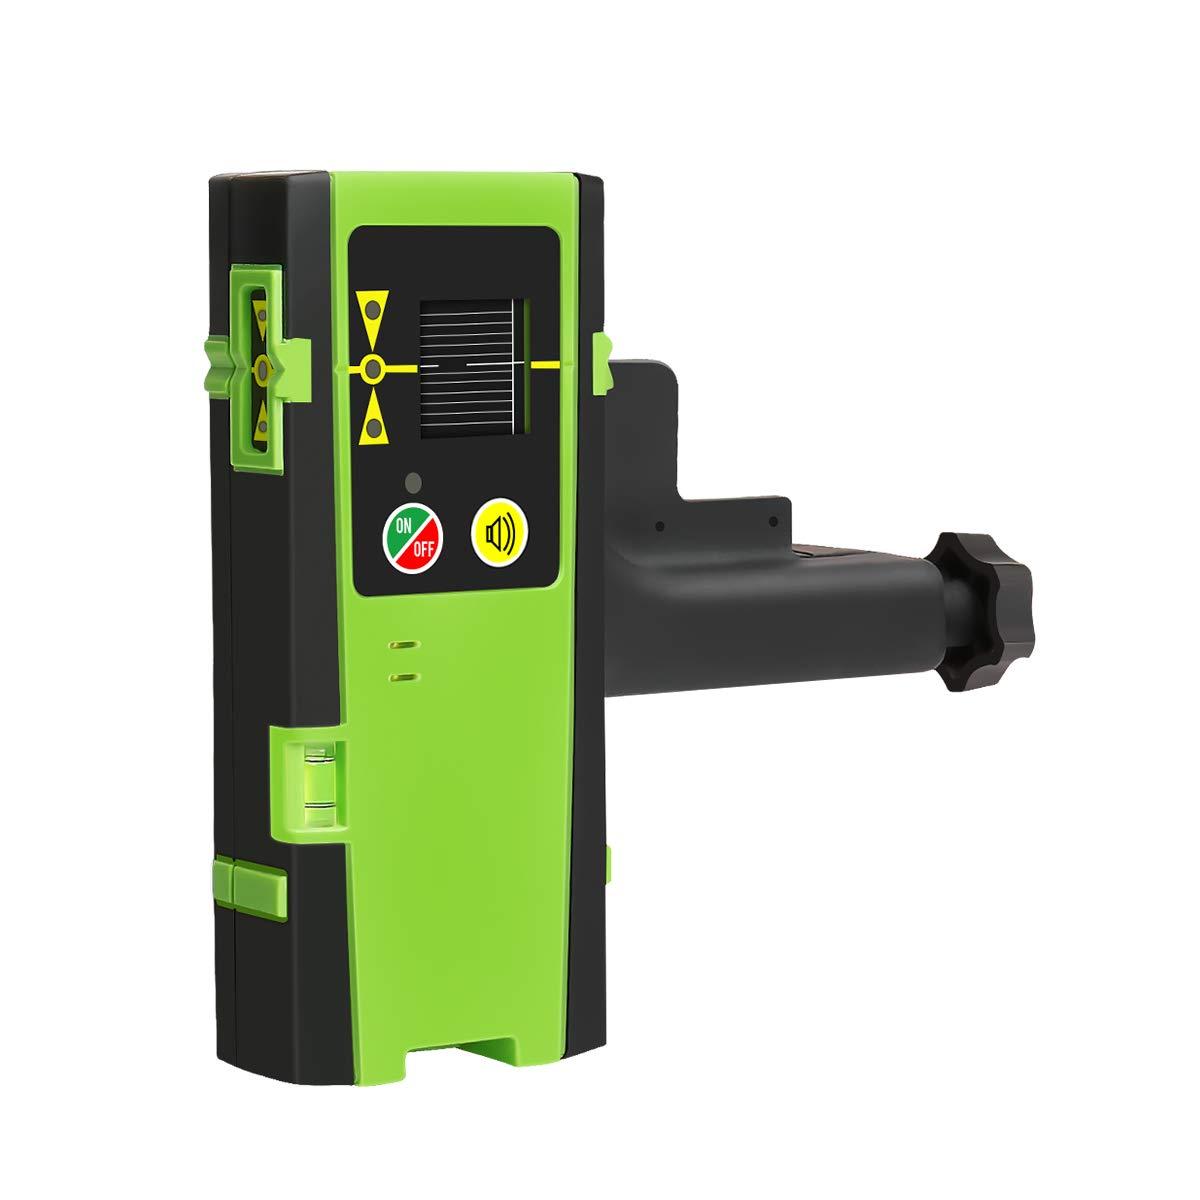 Detector lá ser para nivel lá ser de lí nea, receptor lá ser digital Huepar LR-6RG usado con lá ser de lí nea pulsante de hasta 60m, detecció n de rayos lá ser verde y rojo, pantallas LED de tres lado